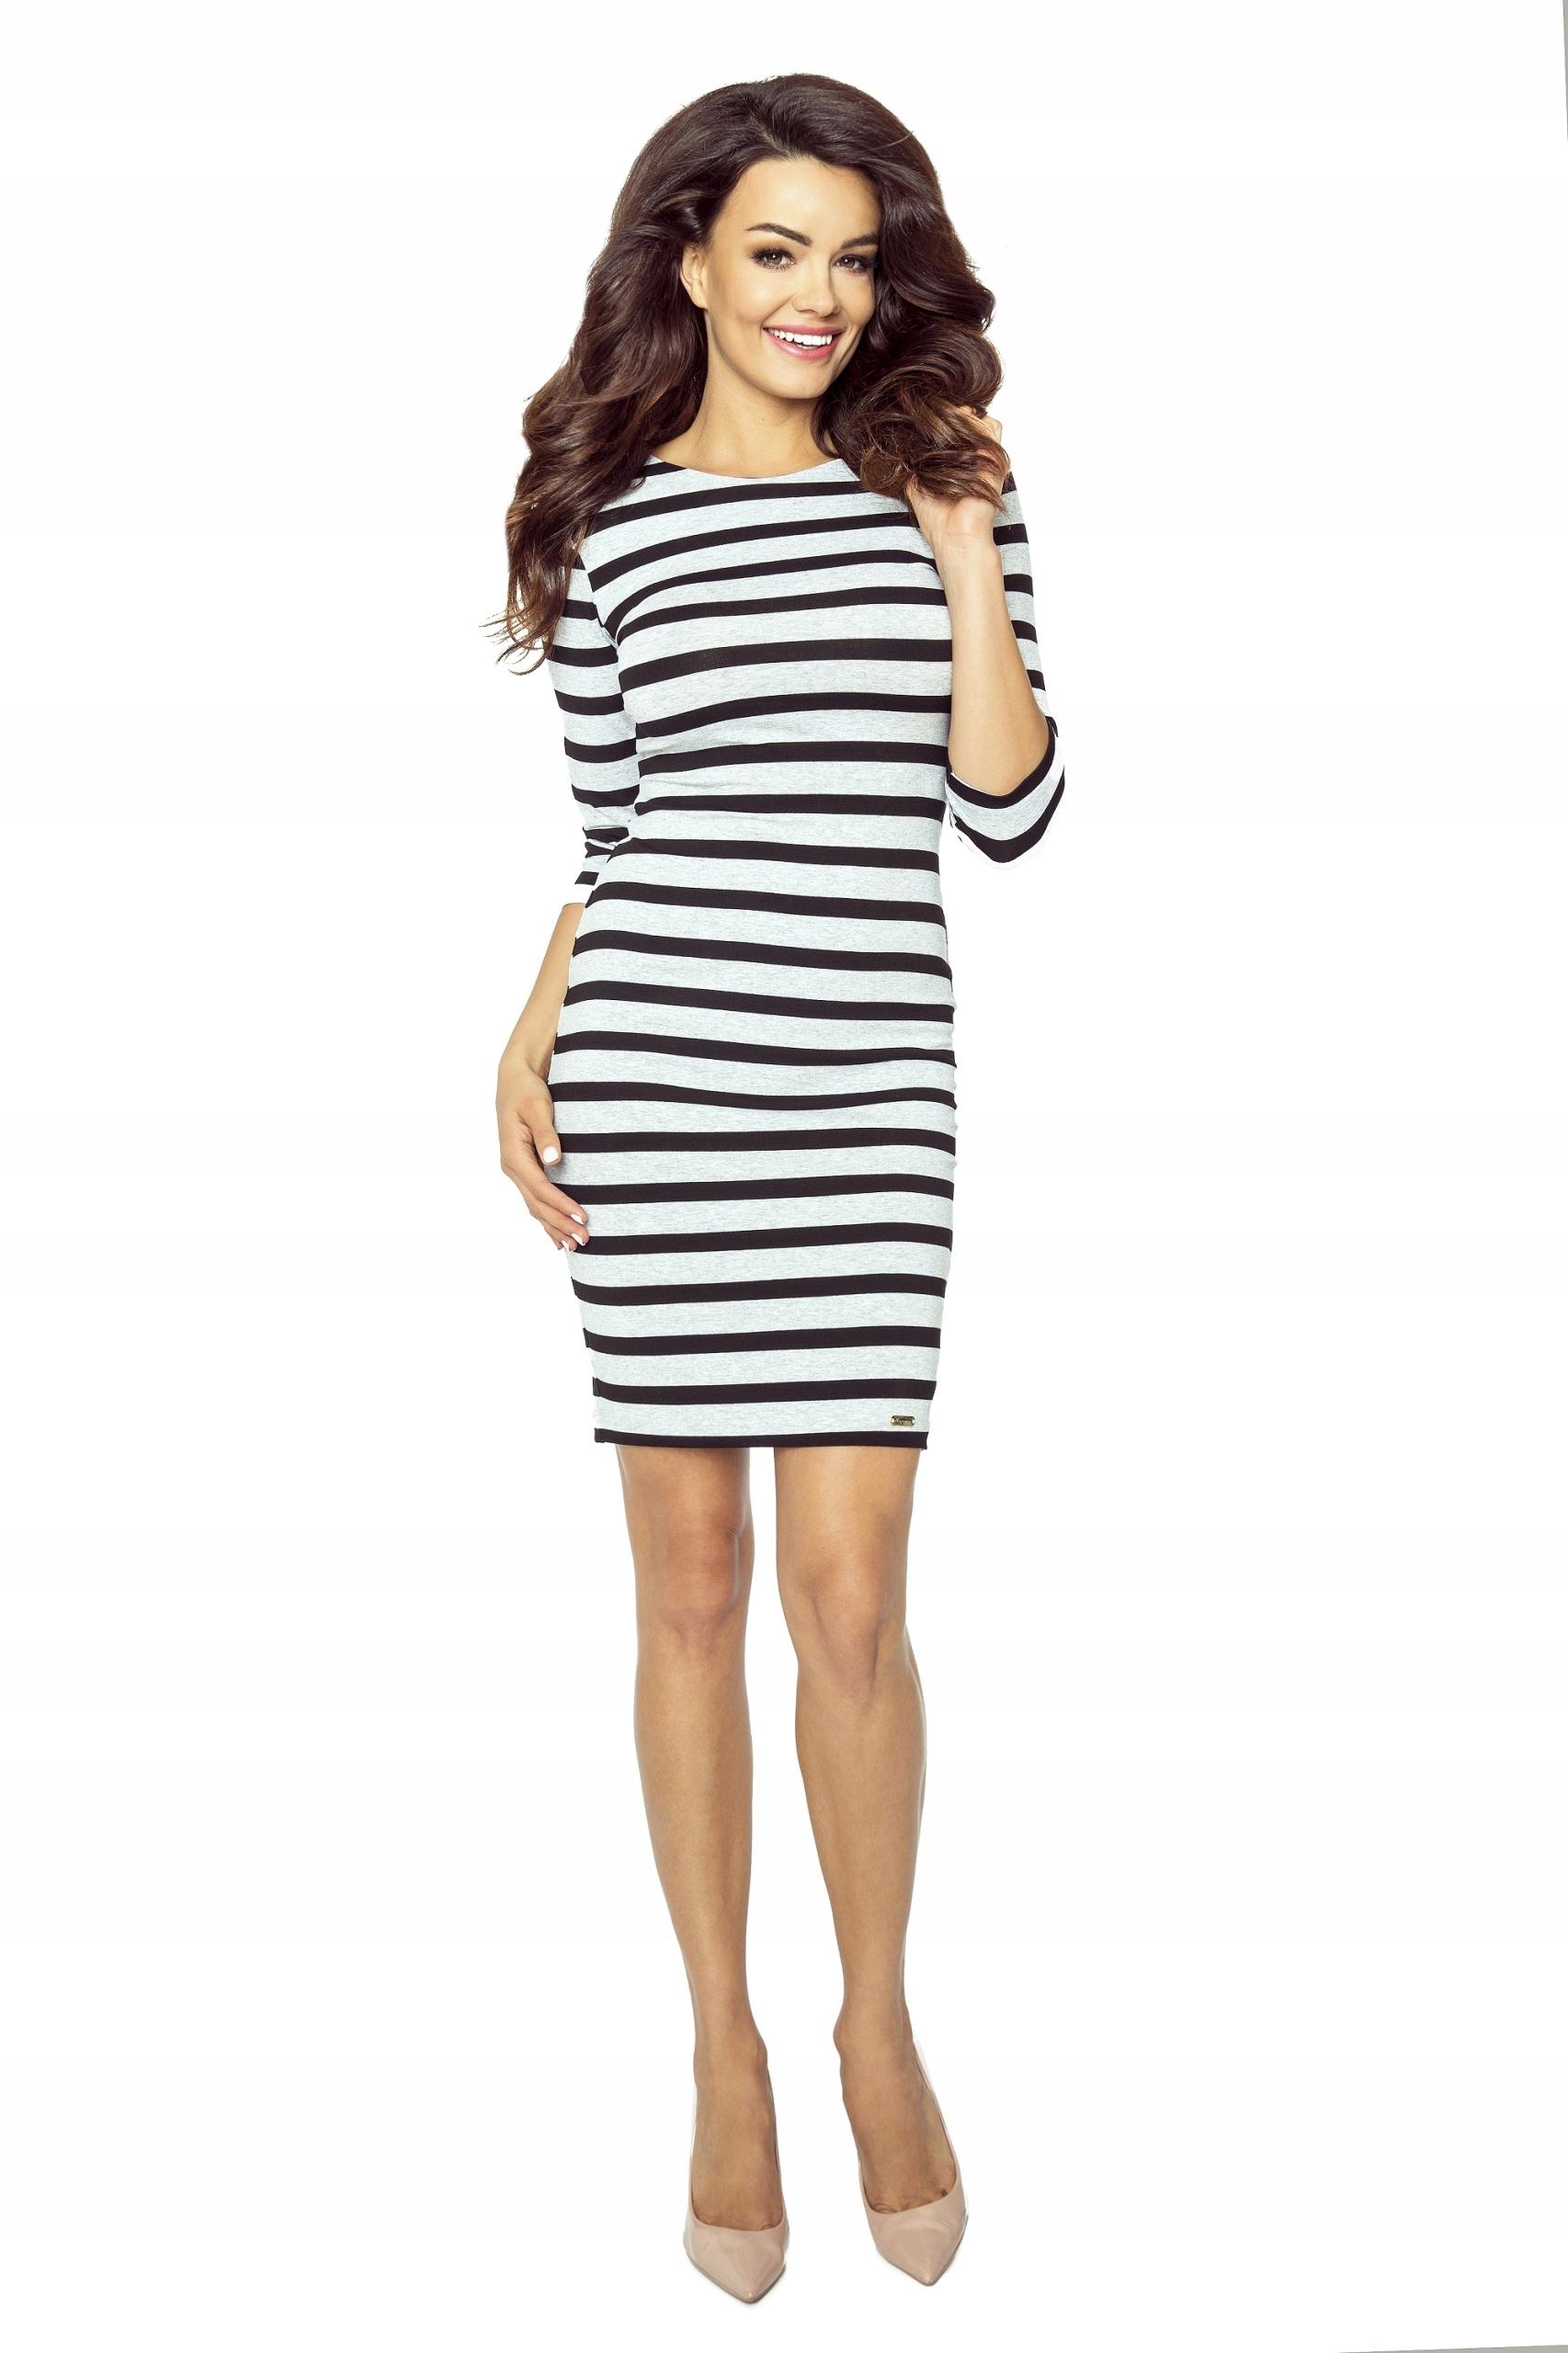 8ff92a82d1 Ołówkowa sukienka w czarno-białe paski M - 7714776281 - oficjalne ...